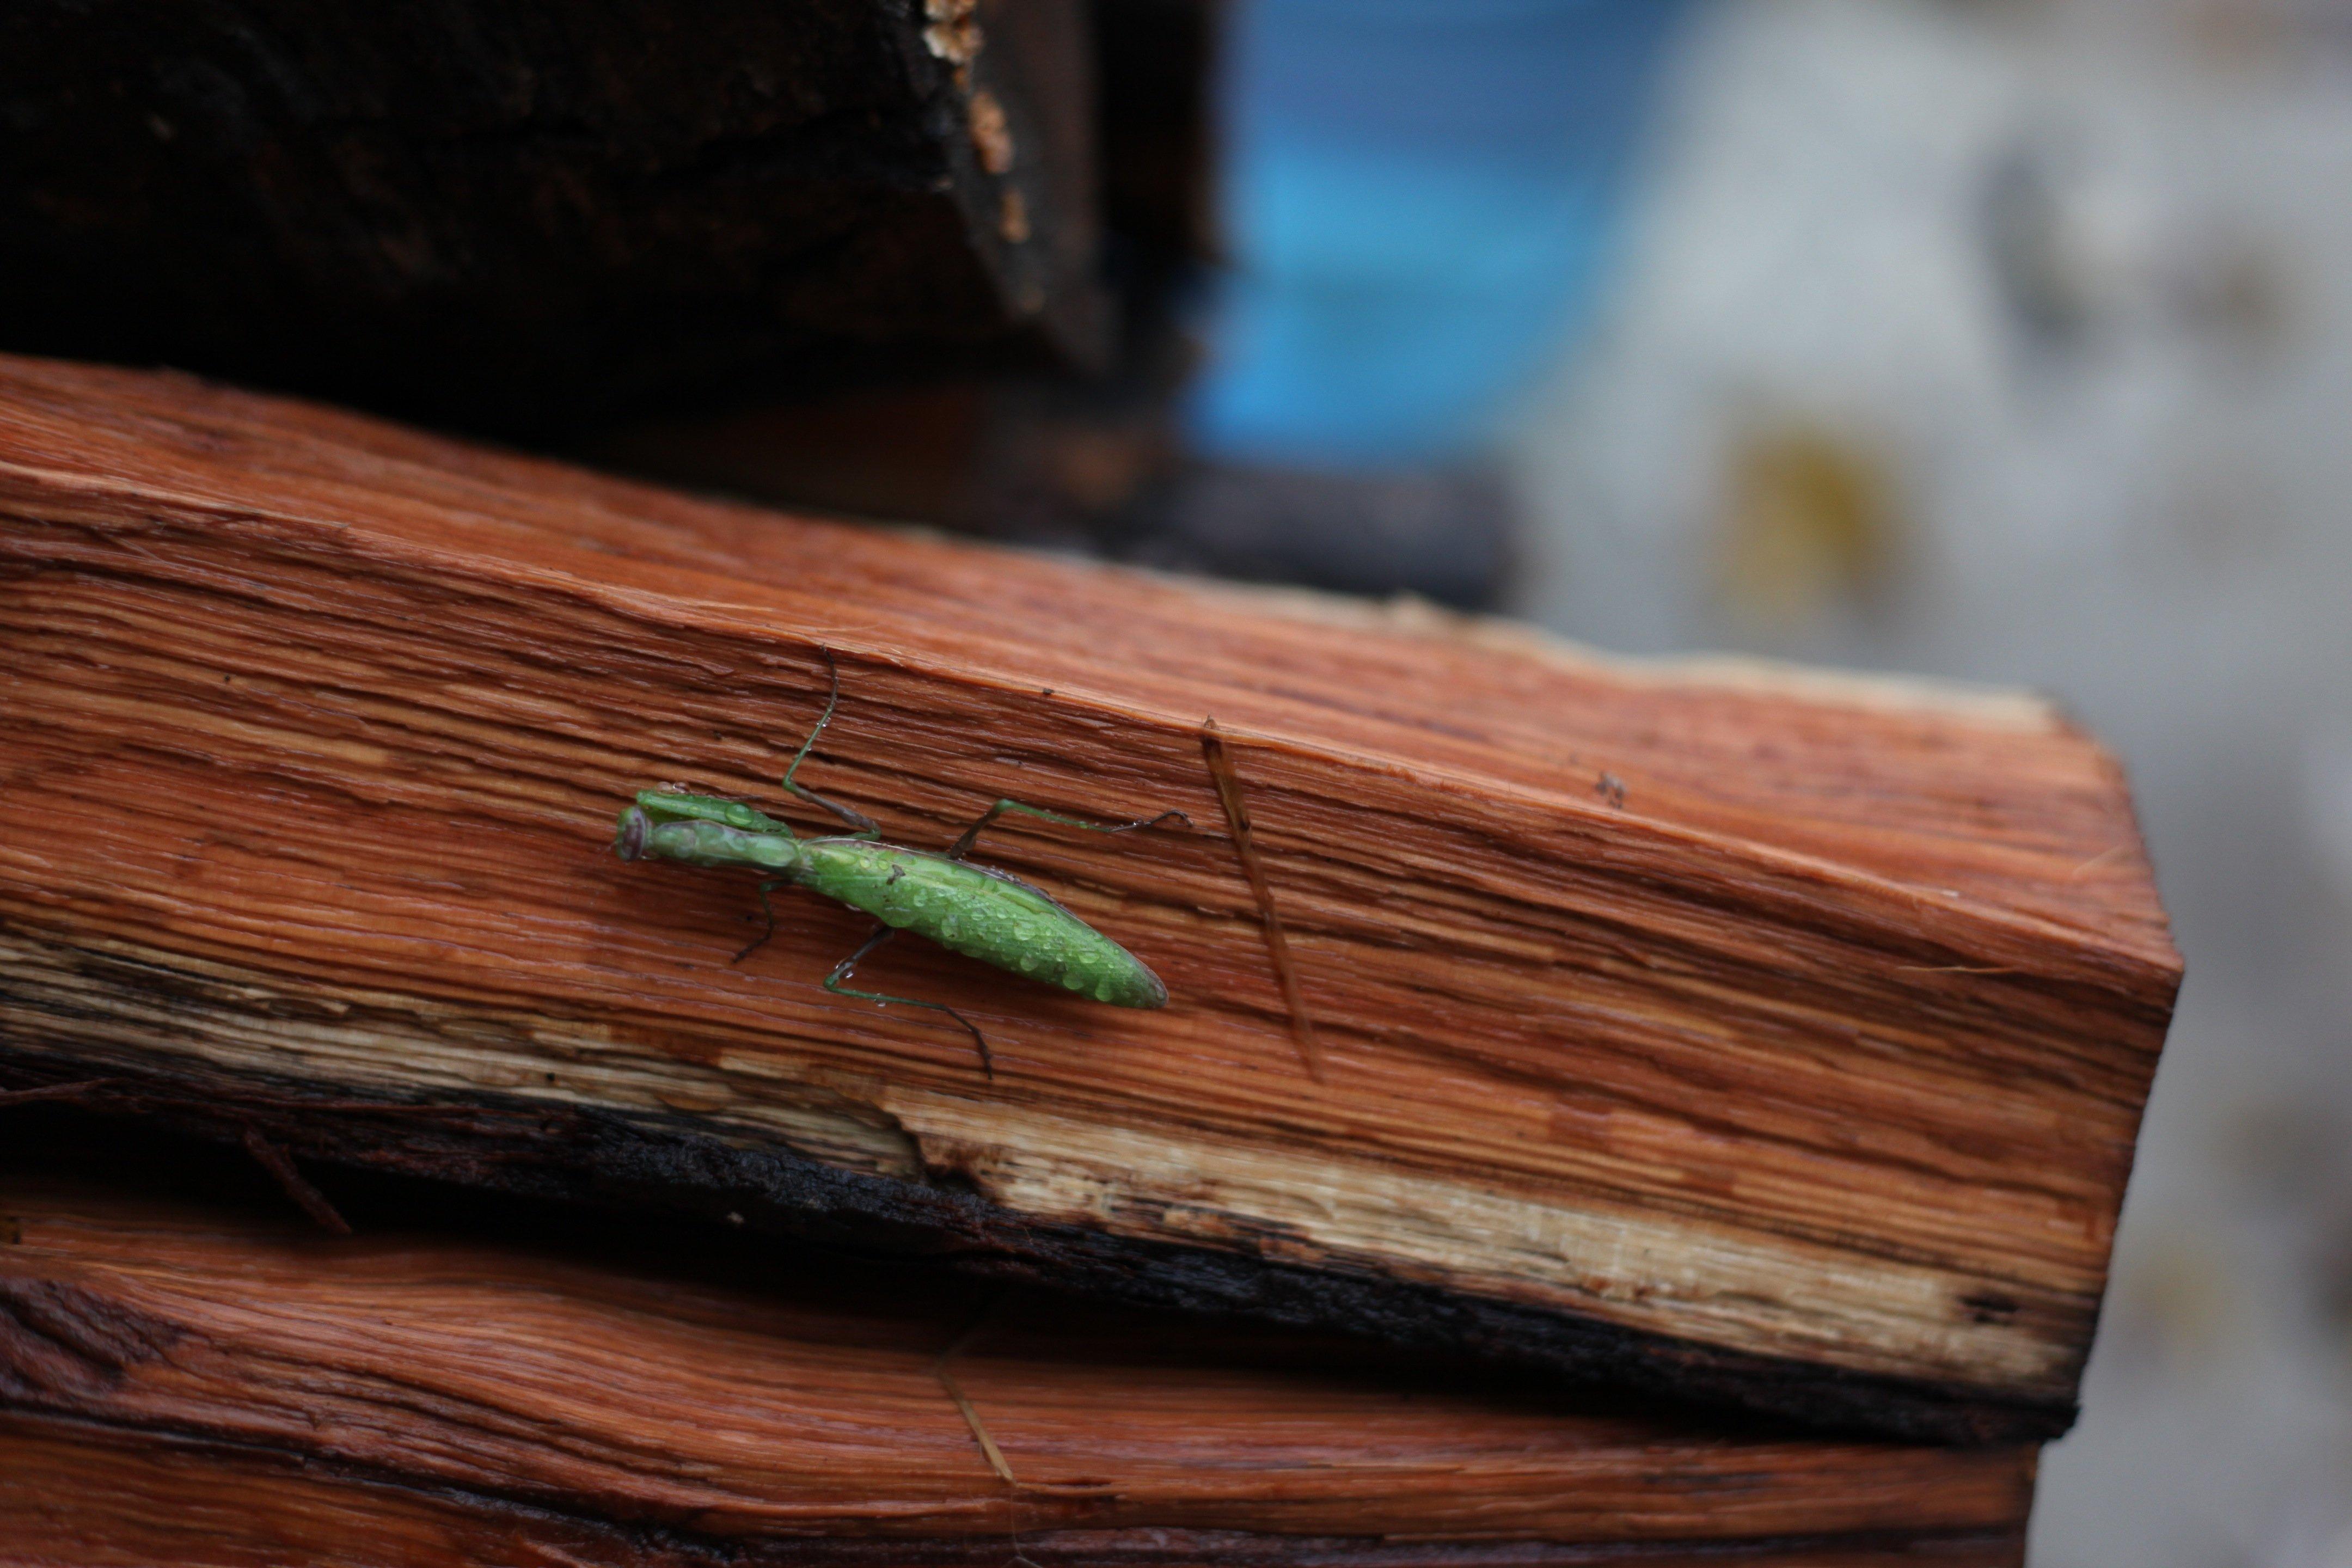 praying mantis on log